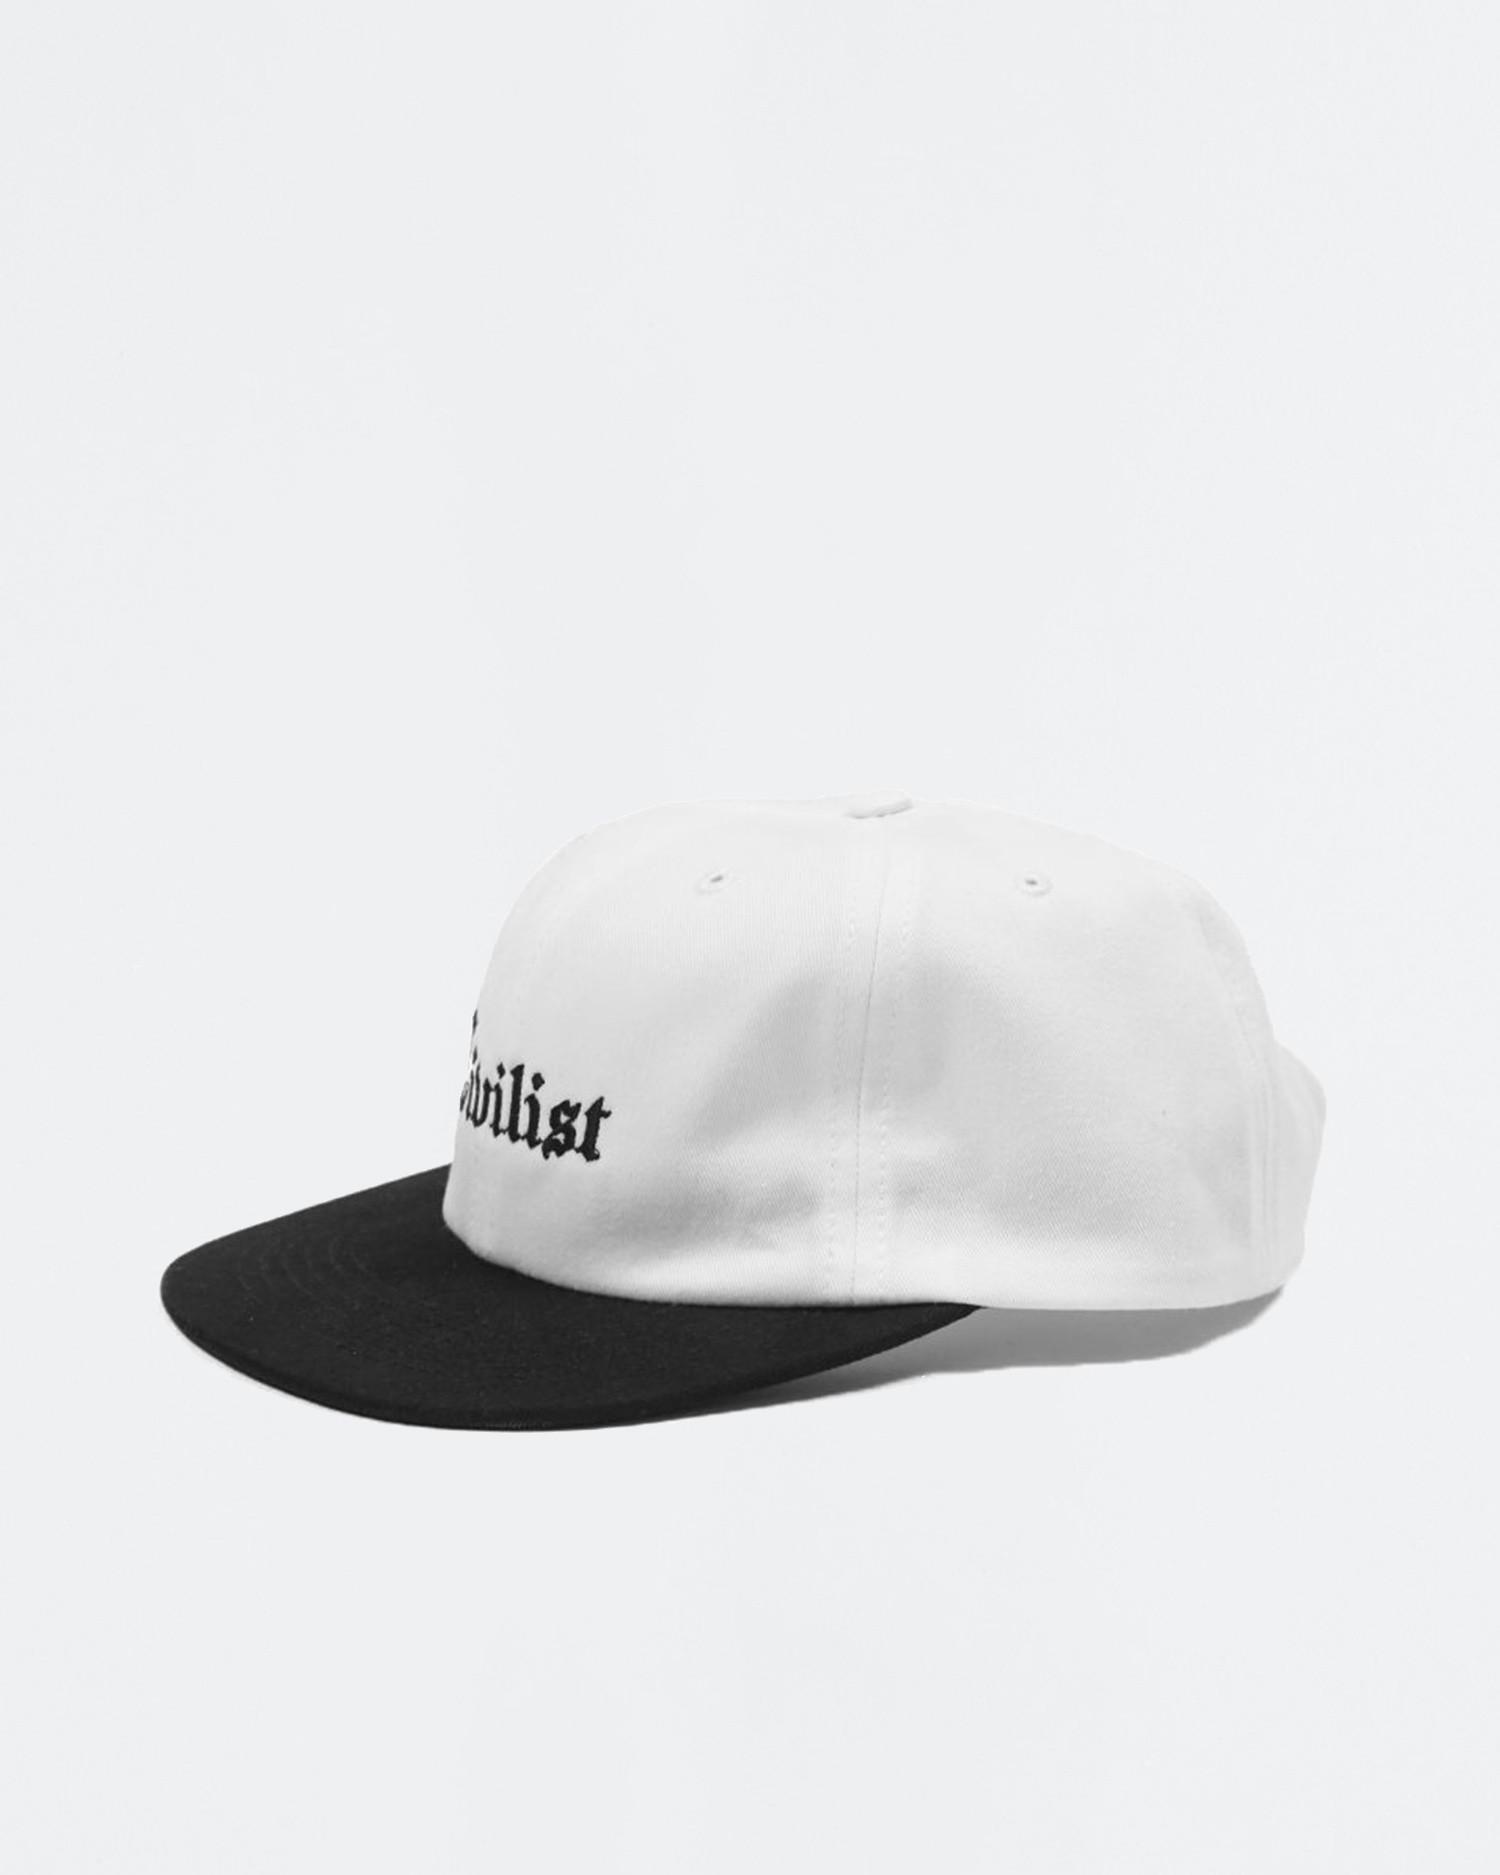 Civilist Sports Omni Cap White/Black